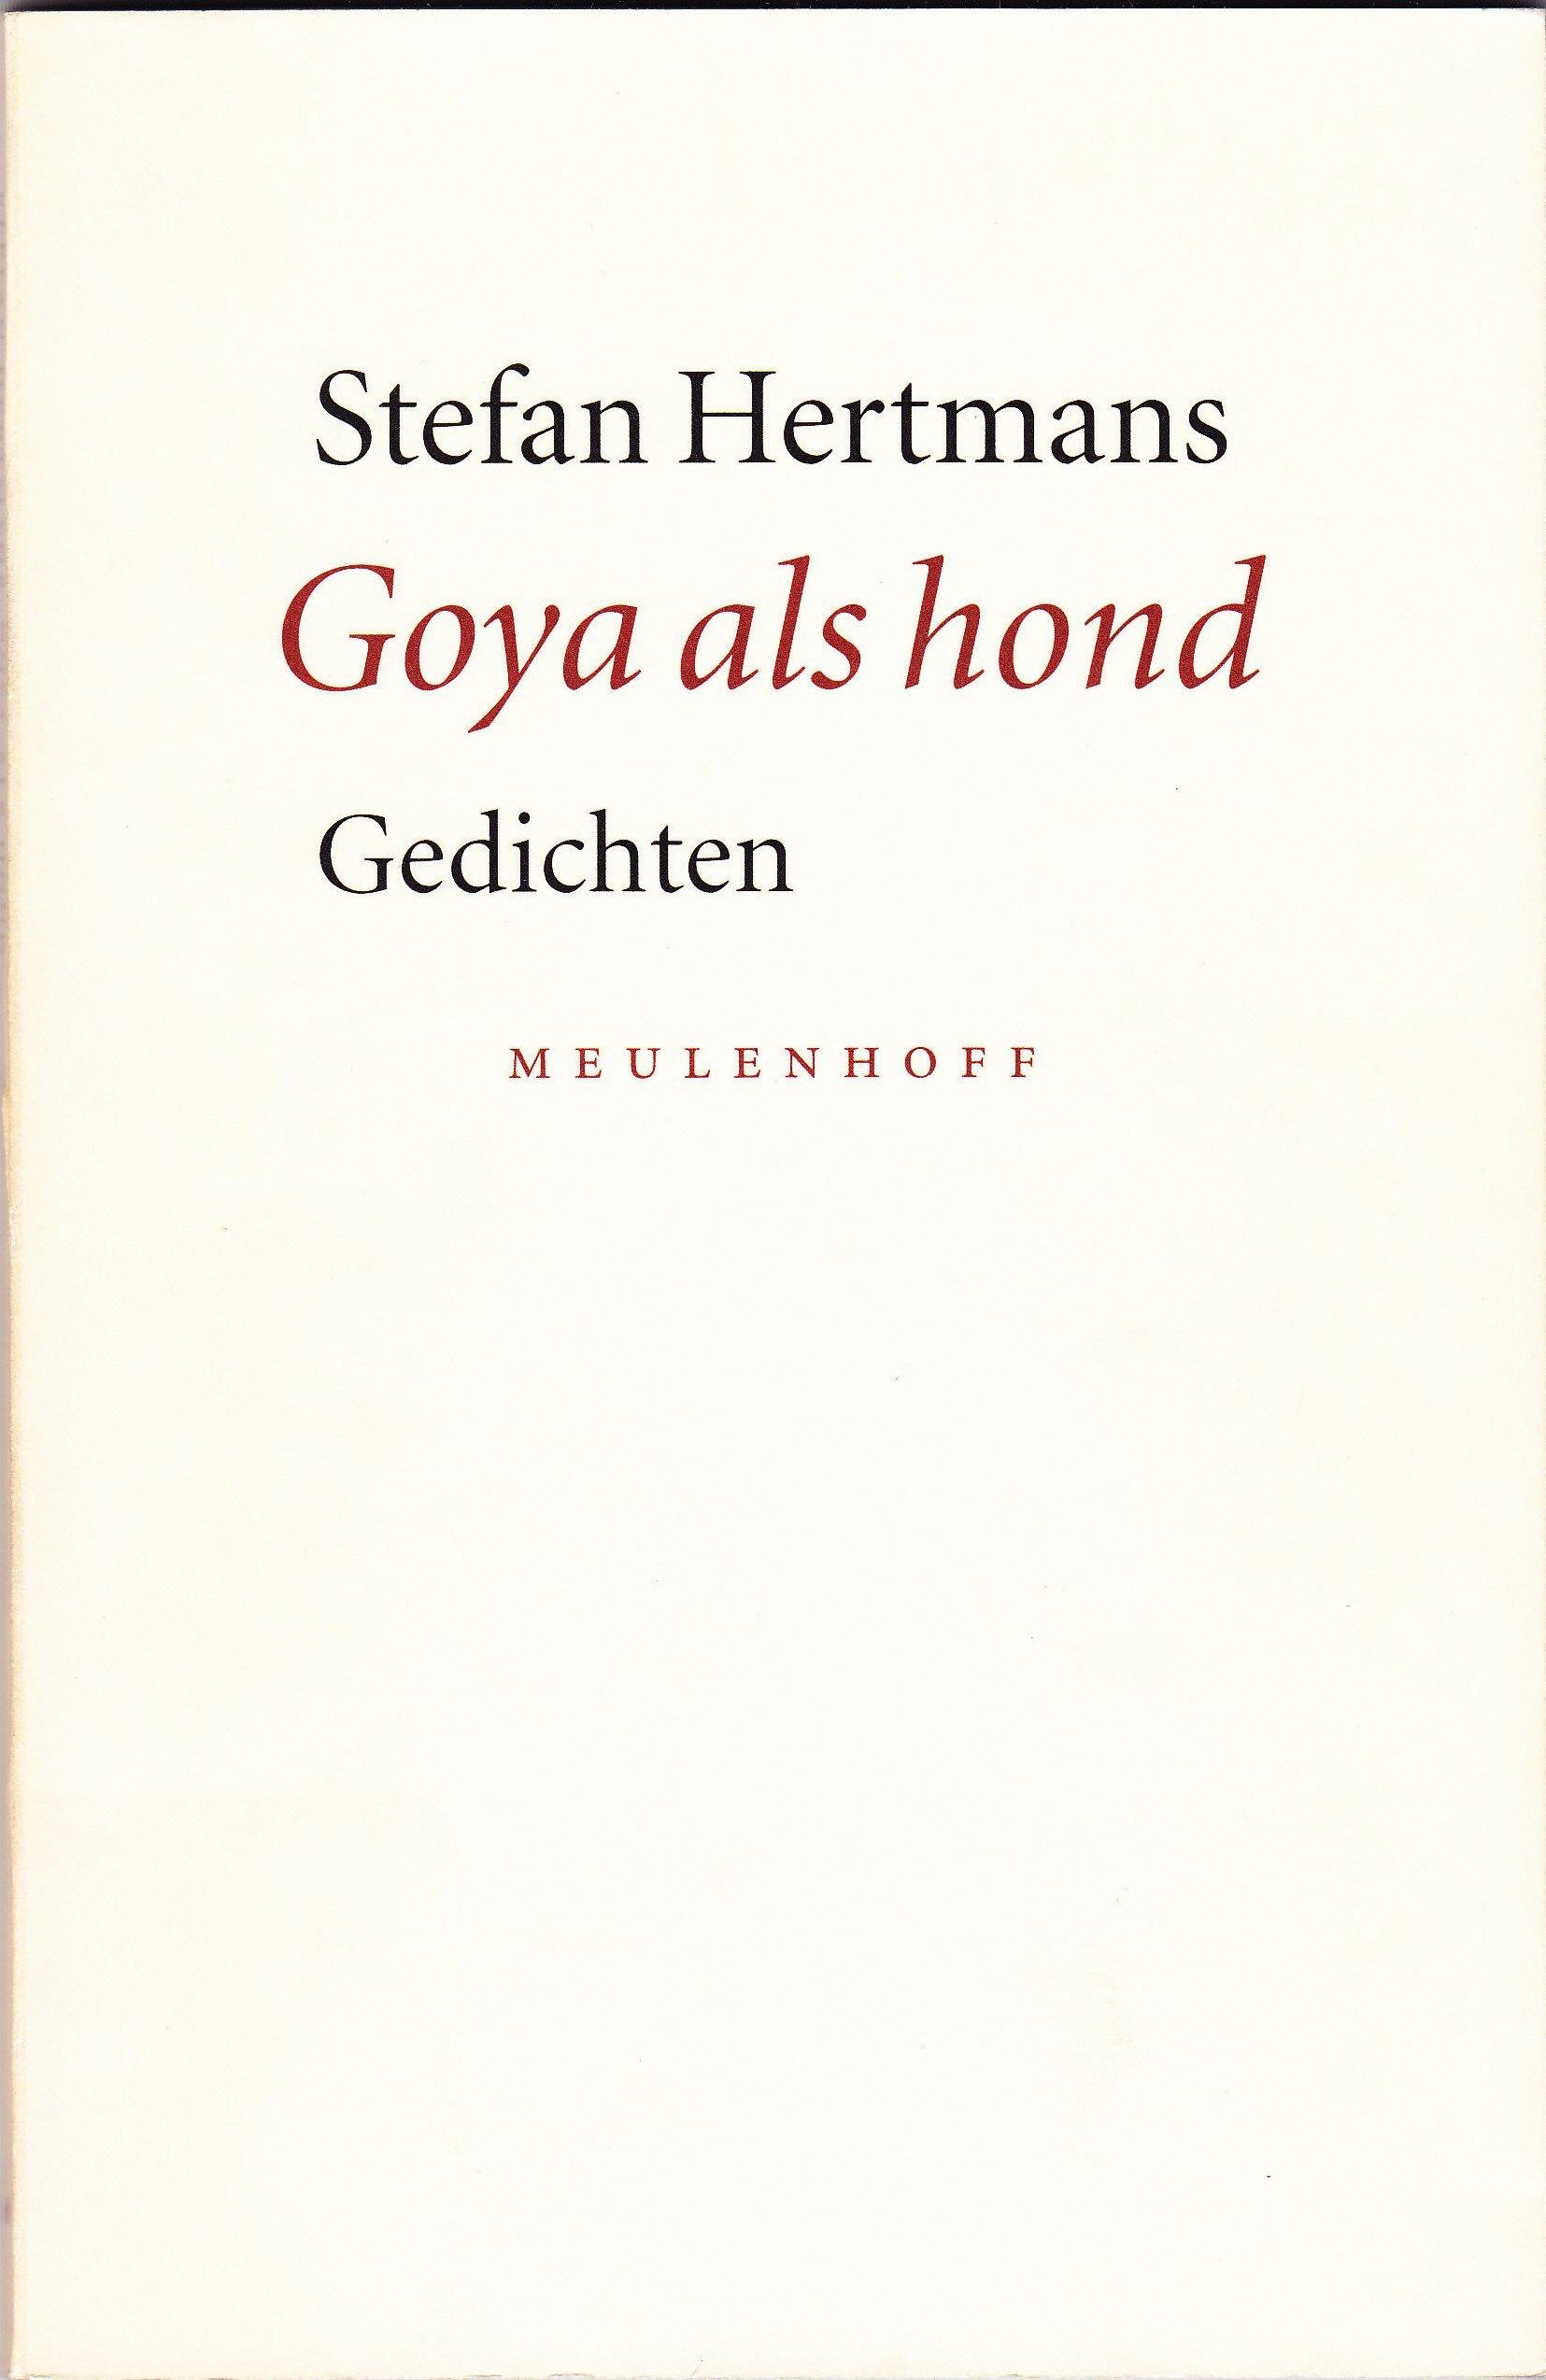 Hertmans Stefan Schrijversgewijs